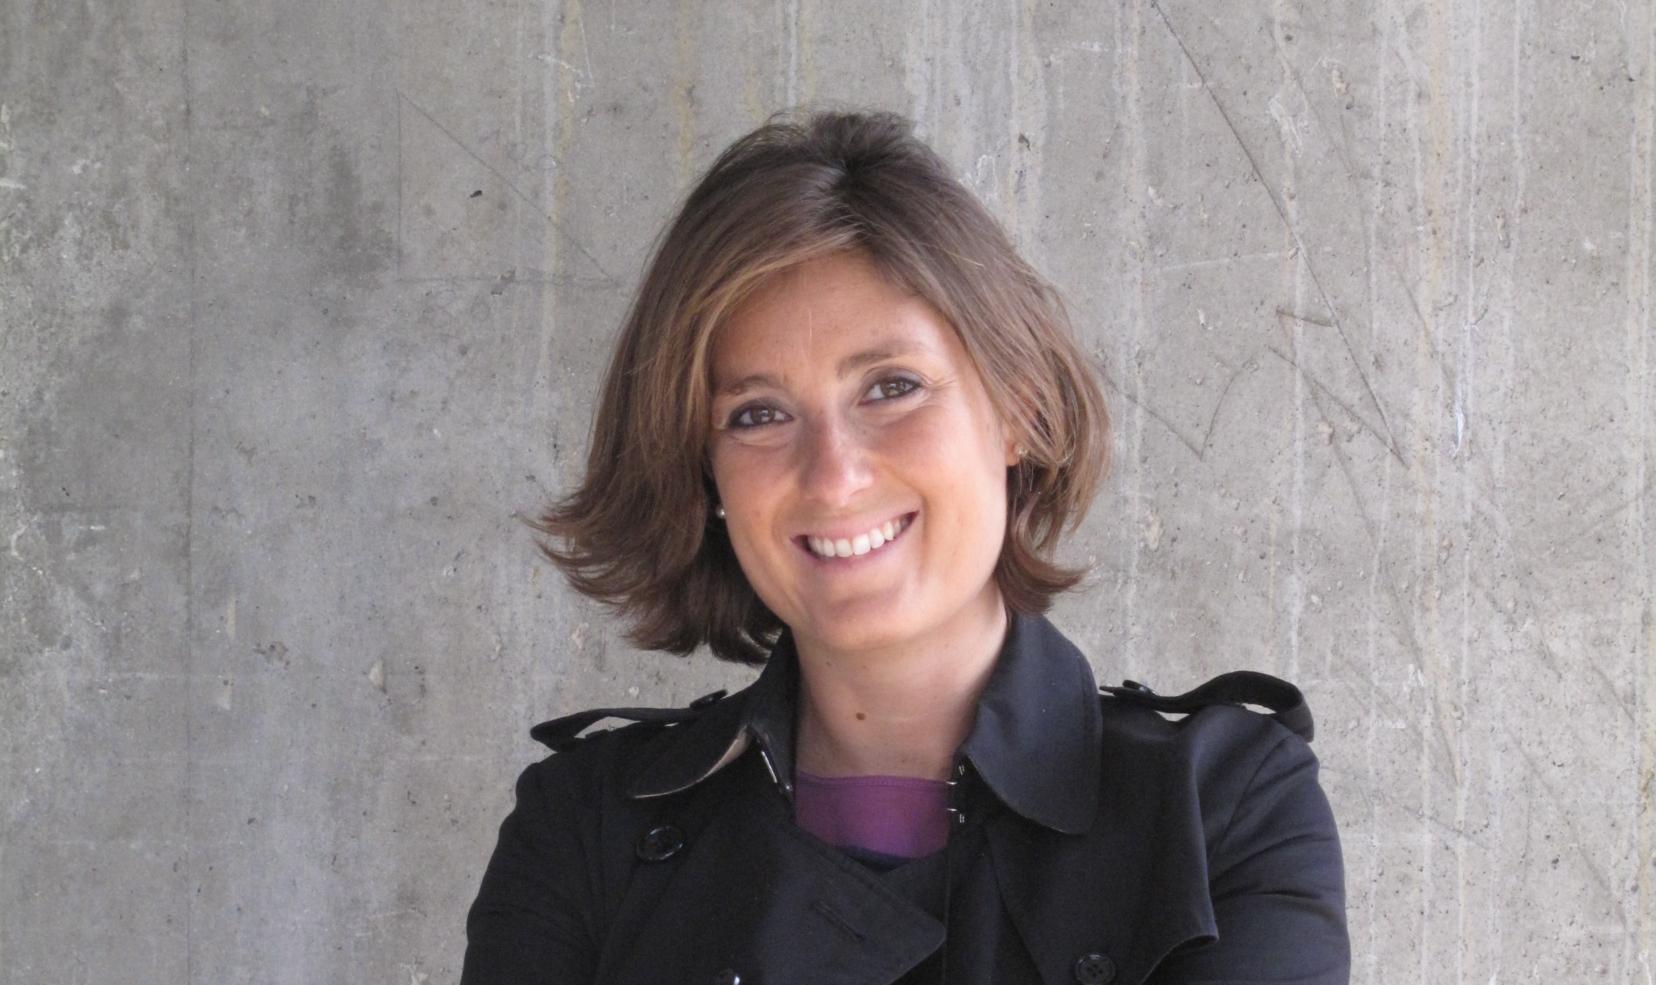 Laura Barreca